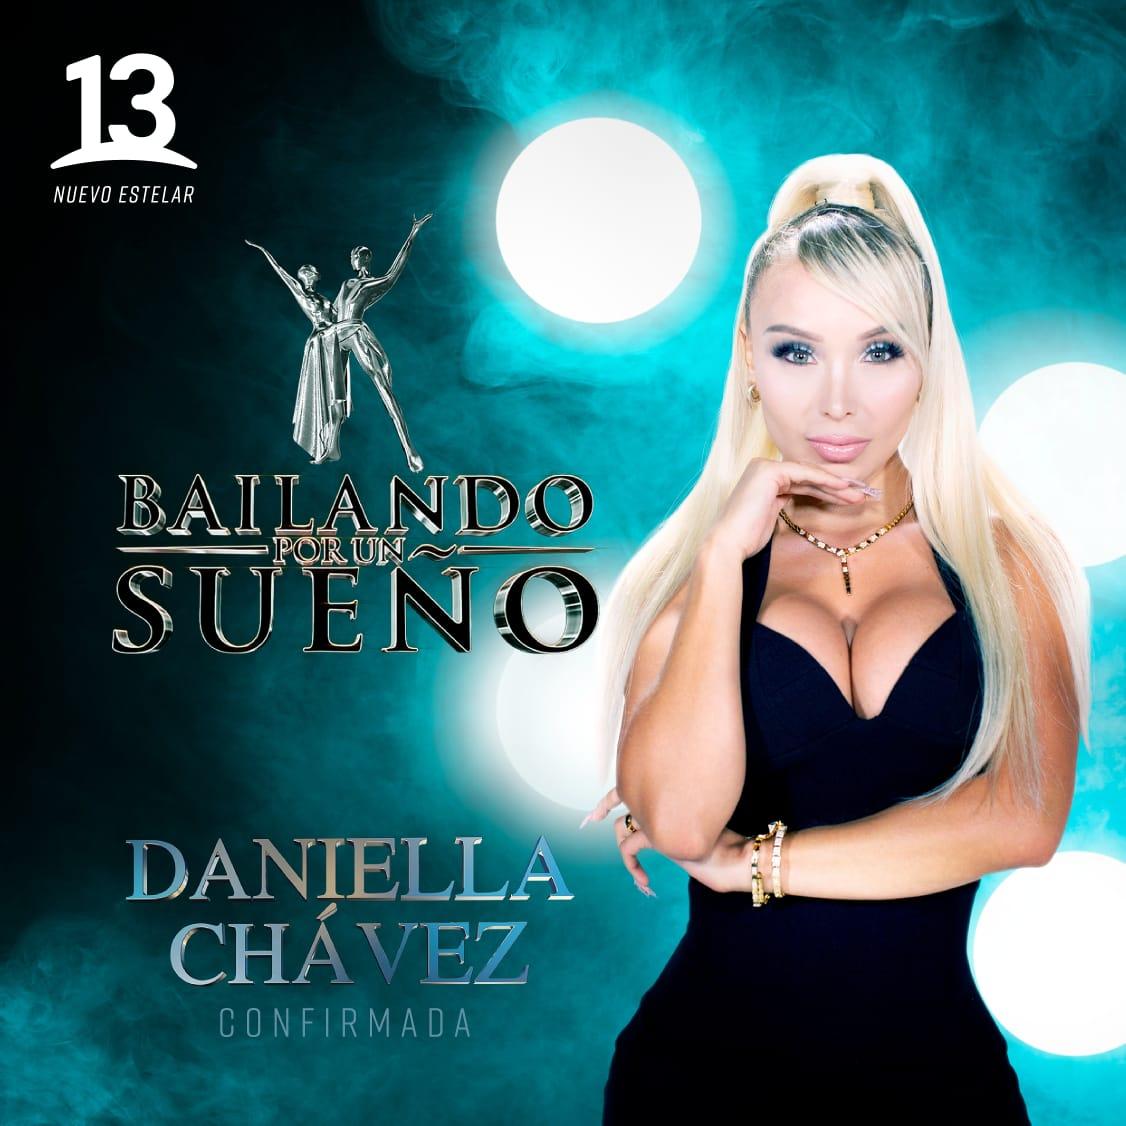 La chilena con más seguidores en redes sociales viene a demostrar con su sueño, que se la juega por las mujeres ✨💃 Bienvenida Daniella Chávez a @bailandoc13_ ✨ EN MARZO #BailandoPorUnSueño con @rubionatural 🔝